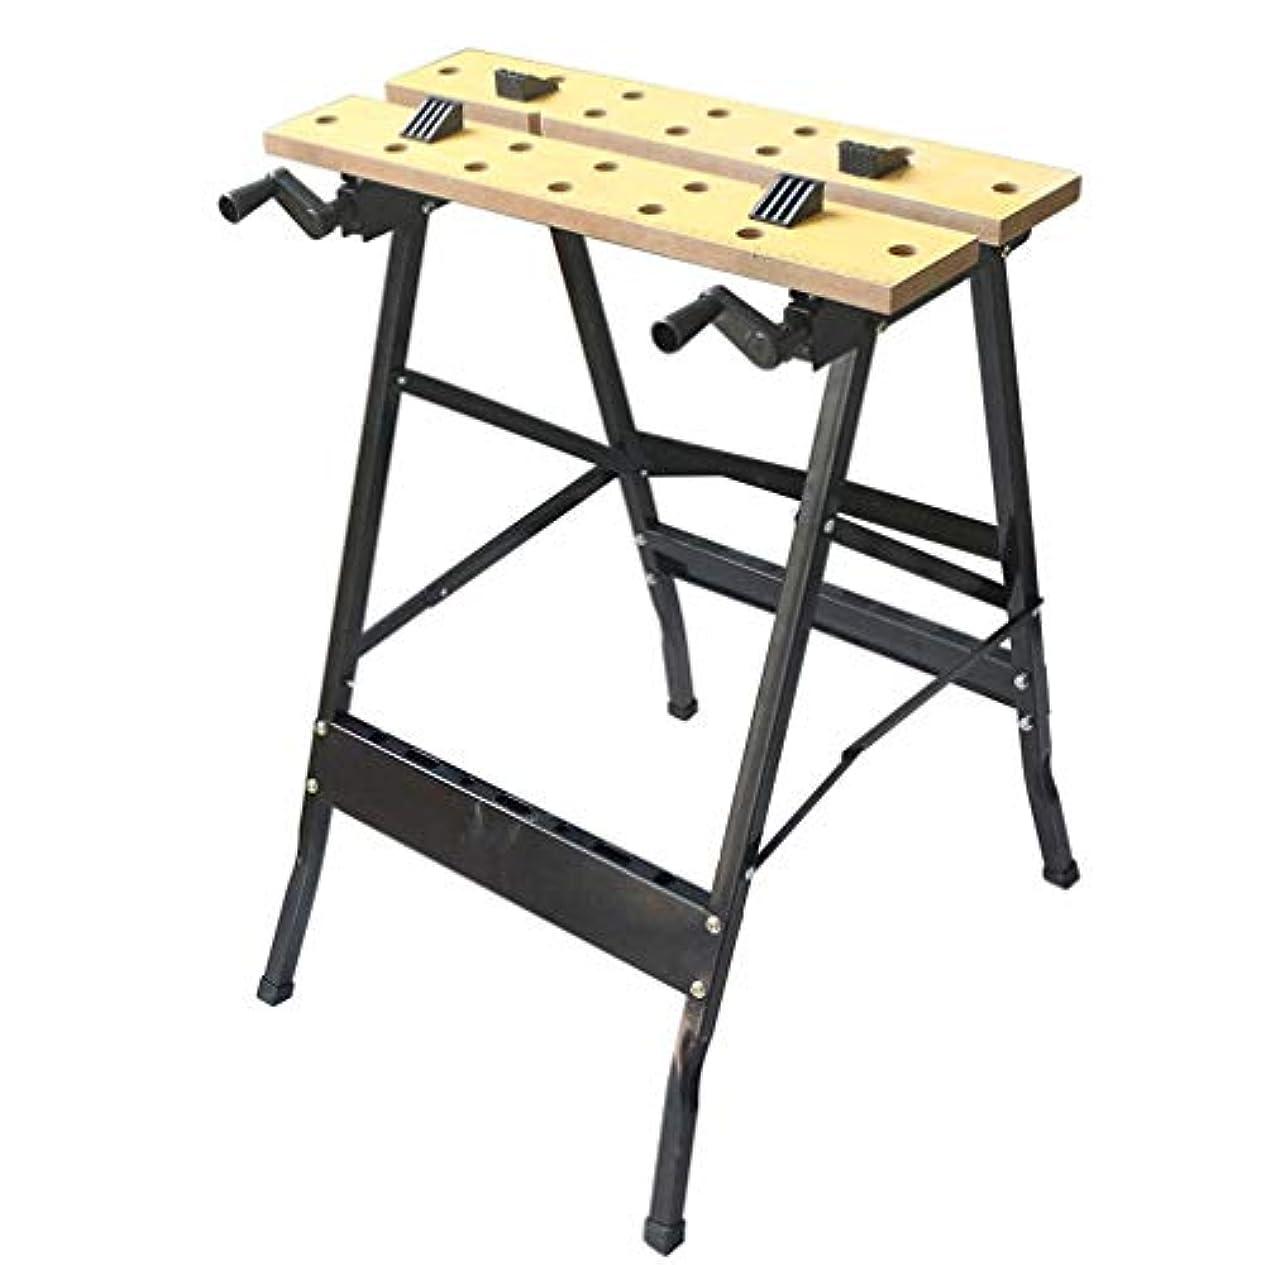 宿る陰気乱用木工ワークベンチは、木材の切断とDIYの彫刻のために取り外し可能なモバイル簡単なワークベンチ FEIXIANG